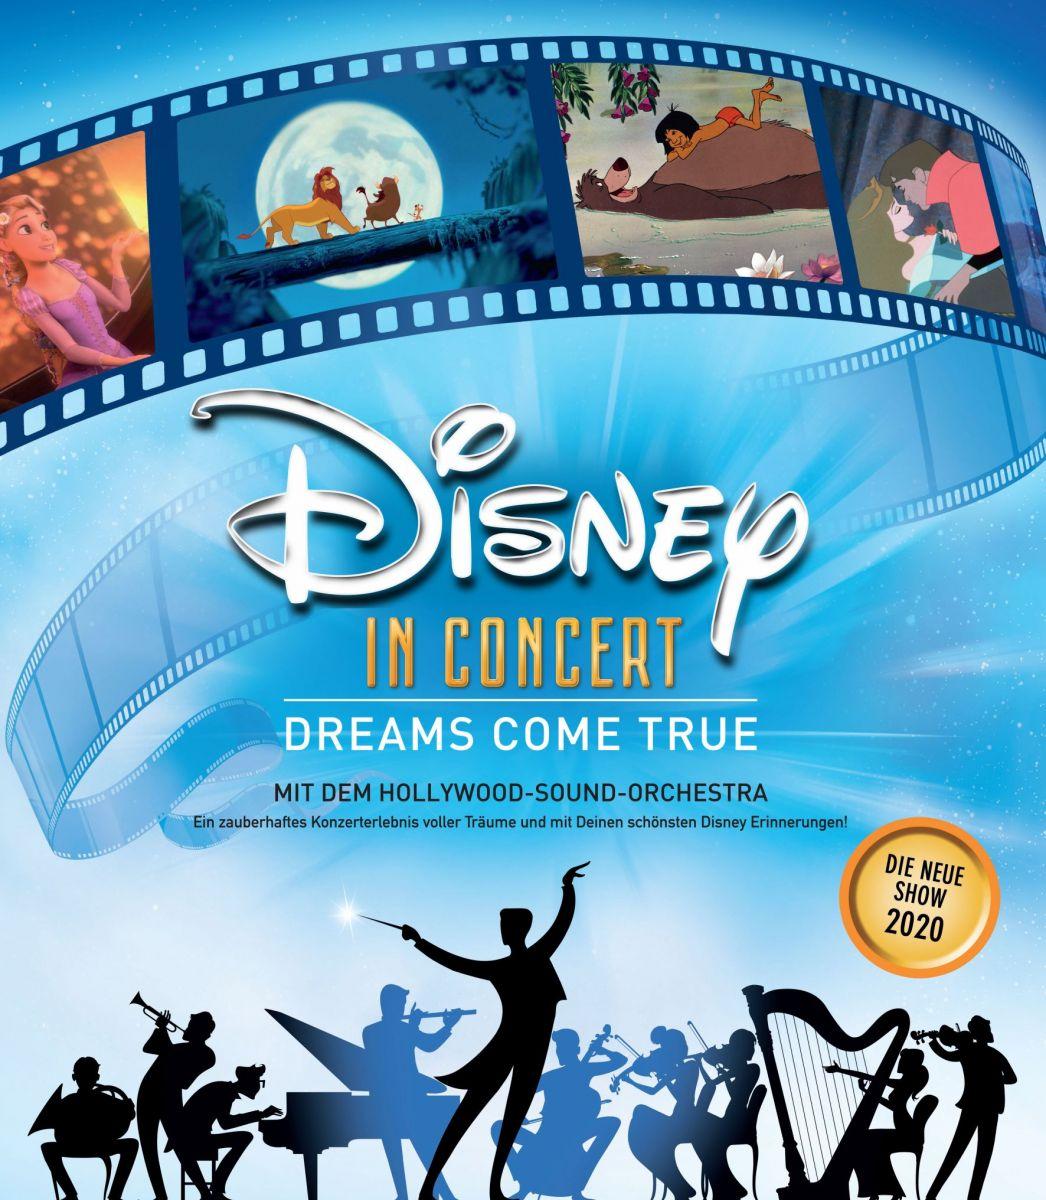 00_DisneyInConcert_DreamsComeTrue_Live2020-web.jpg